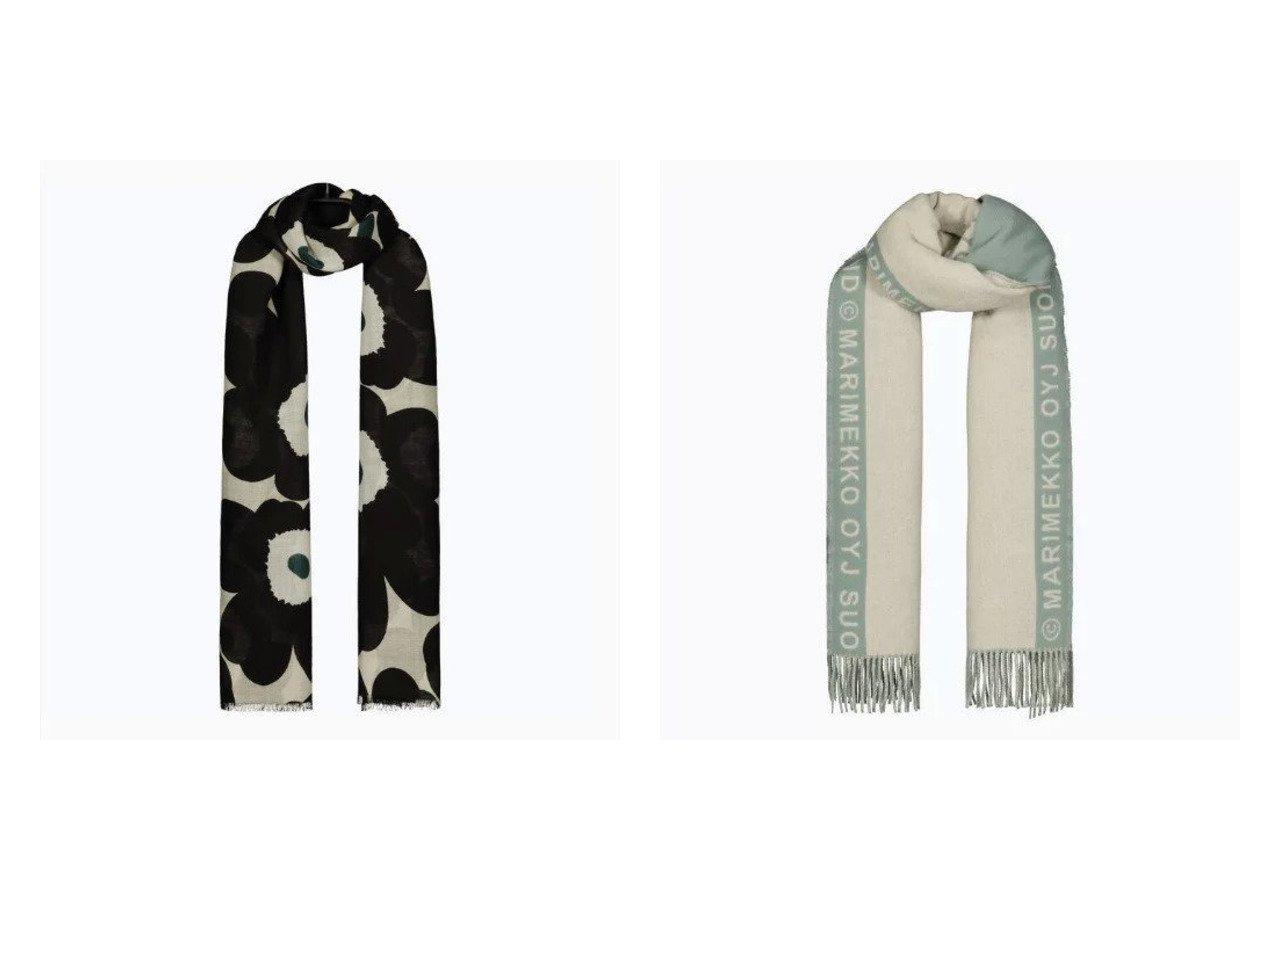 【marimekko/マリメッコ】のSiime スカーフ&Unikko スカーフ marimekkoのおすすめ!人気、トレンド・レディースファッションの通販  おすすめで人気の流行・トレンド、ファッションの通販商品 メンズファッション・キッズファッション・インテリア・家具・レディースファッション・服の通販 founy(ファニー) https://founy.com/ ファッション Fashion レディースファッション WOMEN ストール Scarves マフラー Mufflers スカーフ ストール マフラー モチーフ フェミニン |ID:crp329100000020181